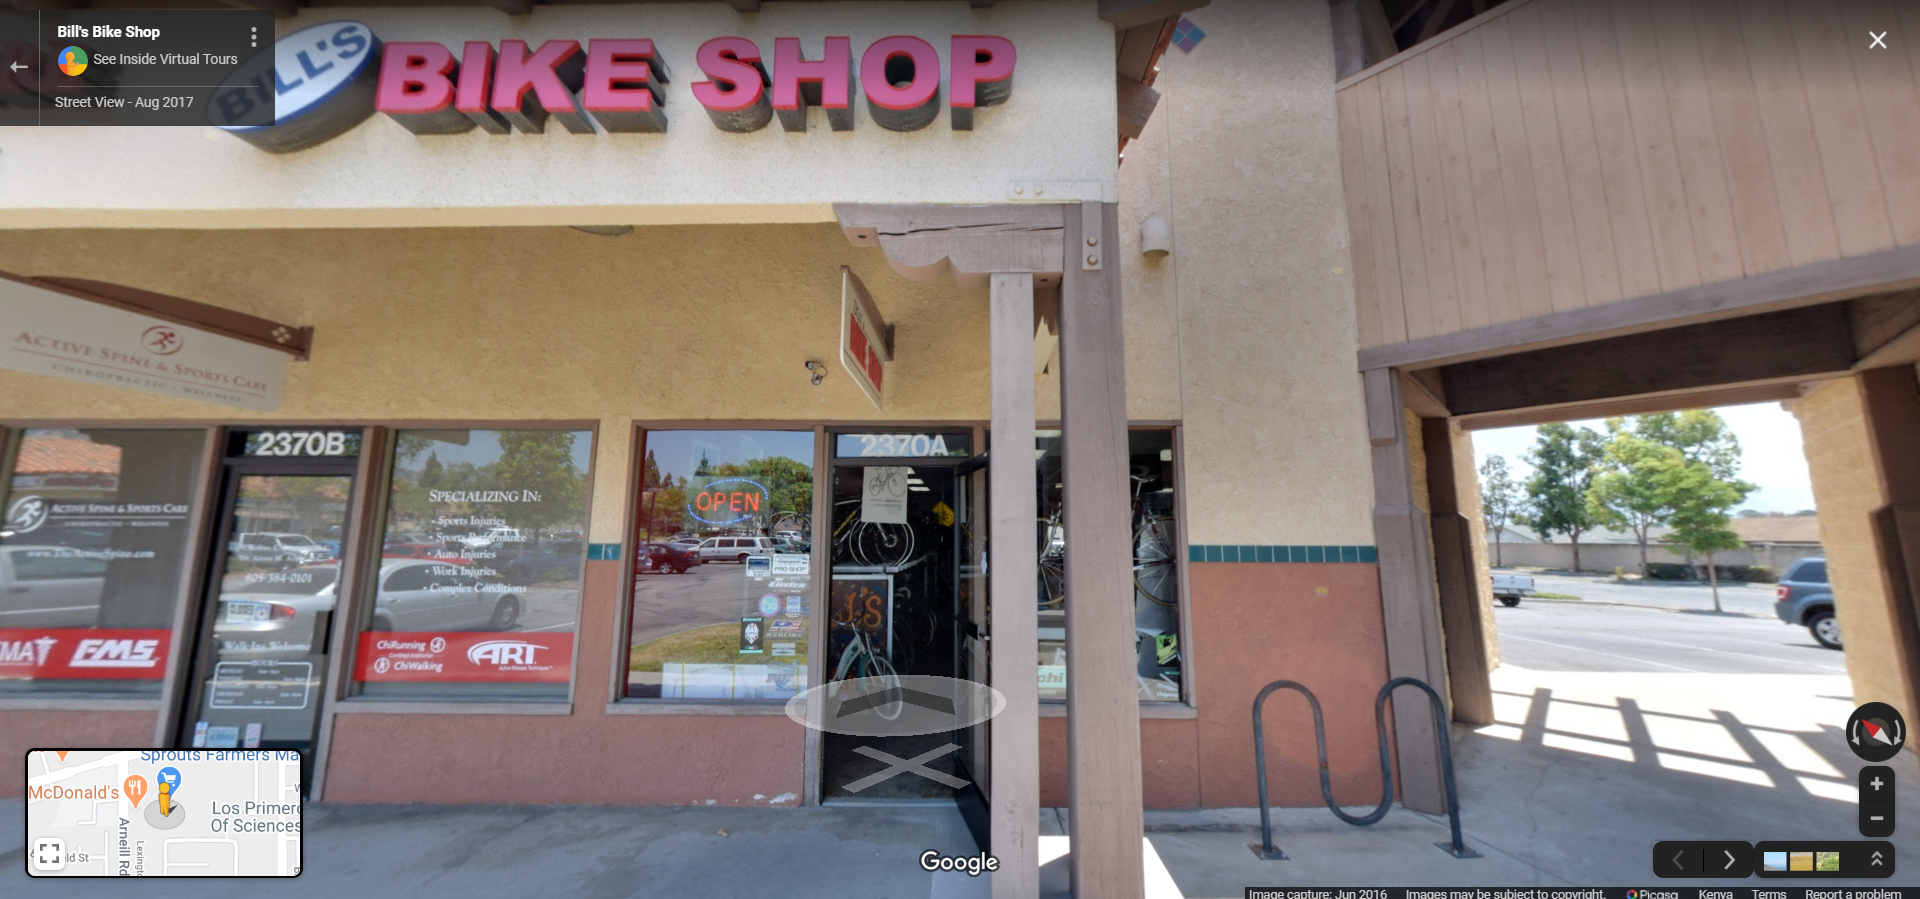 Bill's Bike Shop - Camarillo